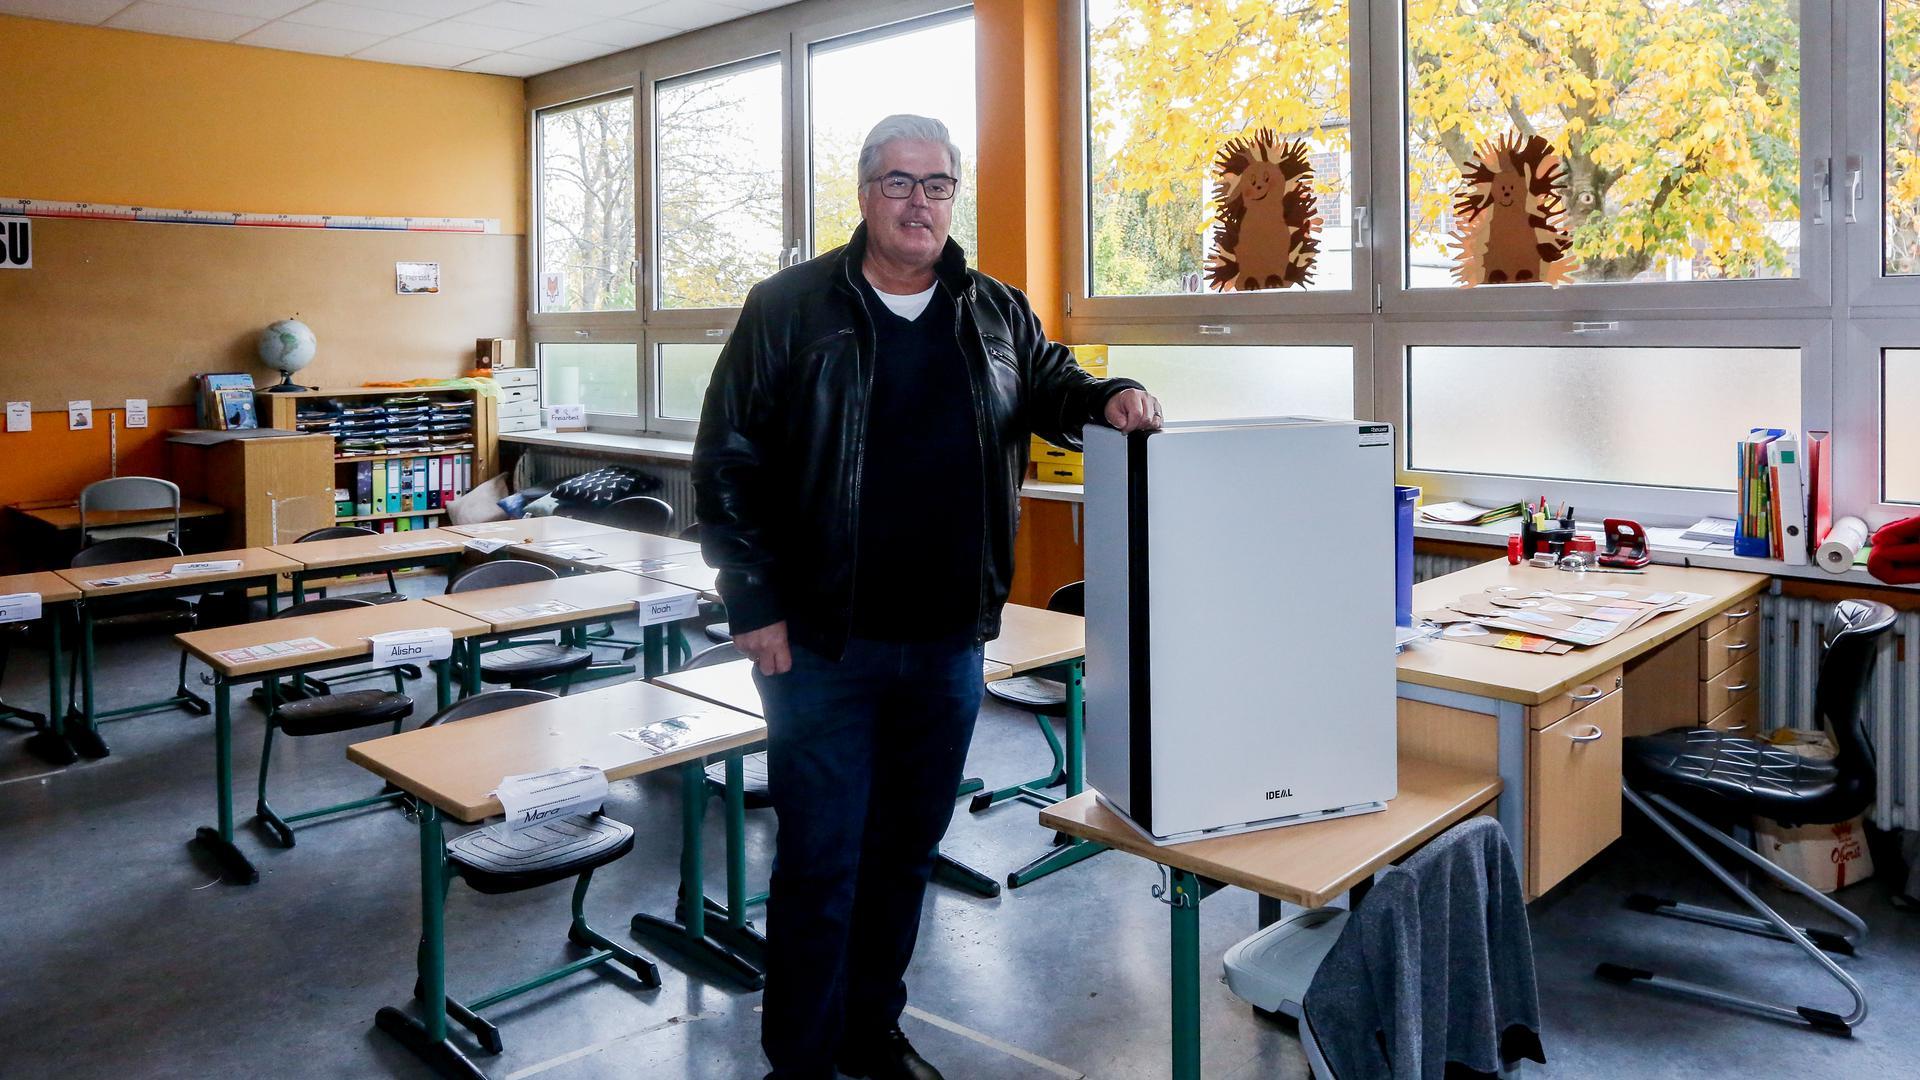 Mann mit Gerät in Klassenzimmer